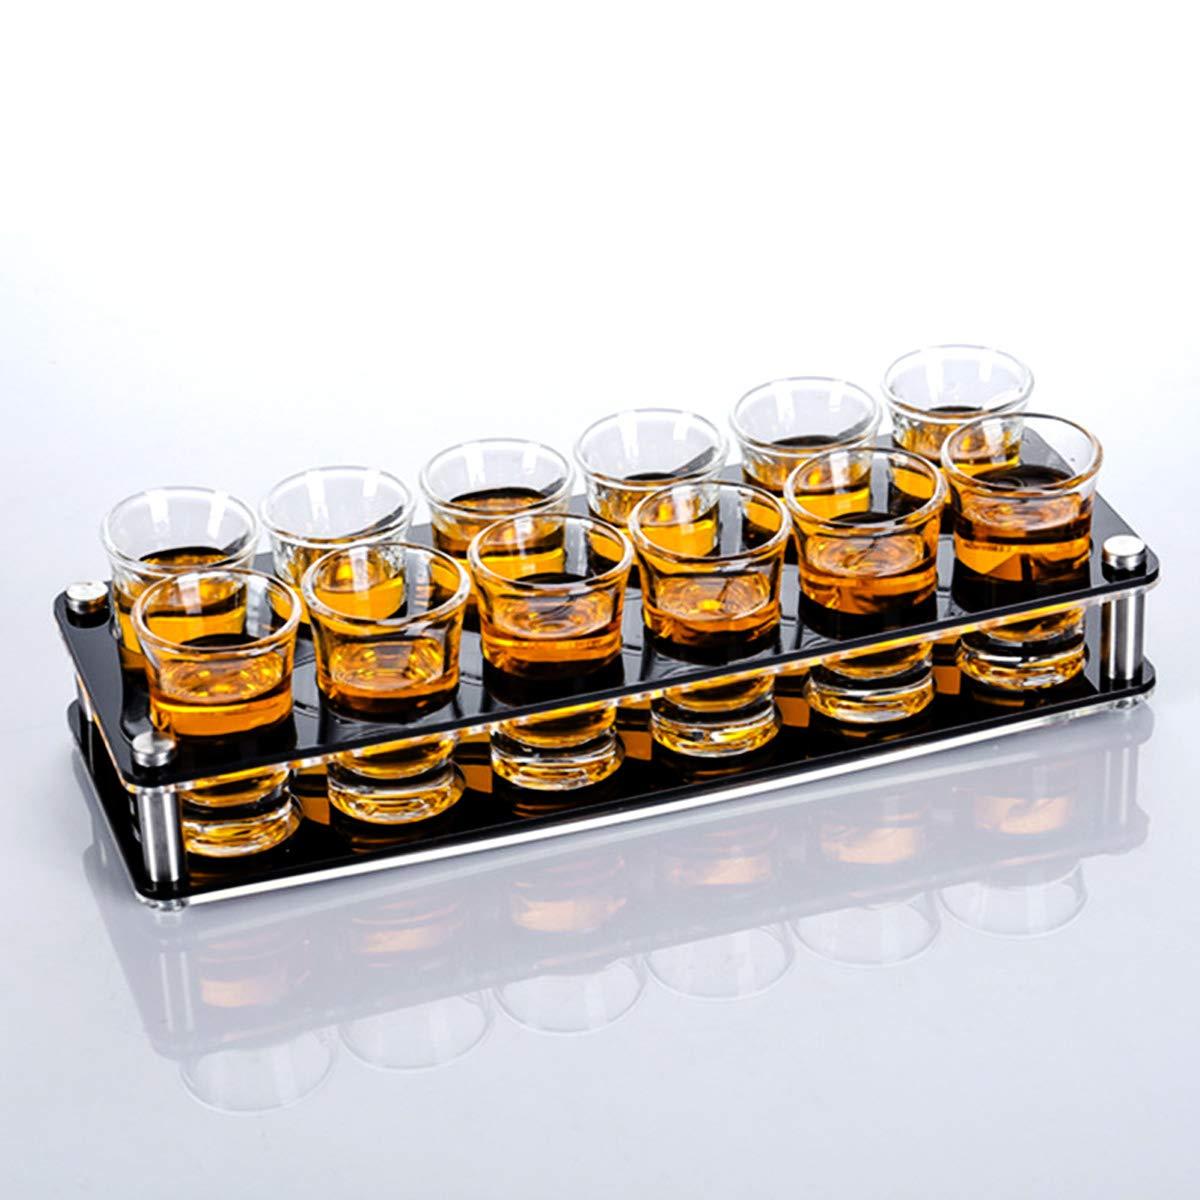 LYY Vasos de Whisky Ultra-Clarity para whisky Vaso Vidrio Transparente Sin Plomo pequeño Copa vino Traje Muy Regalo Ideal,2rowsof12cupsset,25ml: Amazon.es: ...